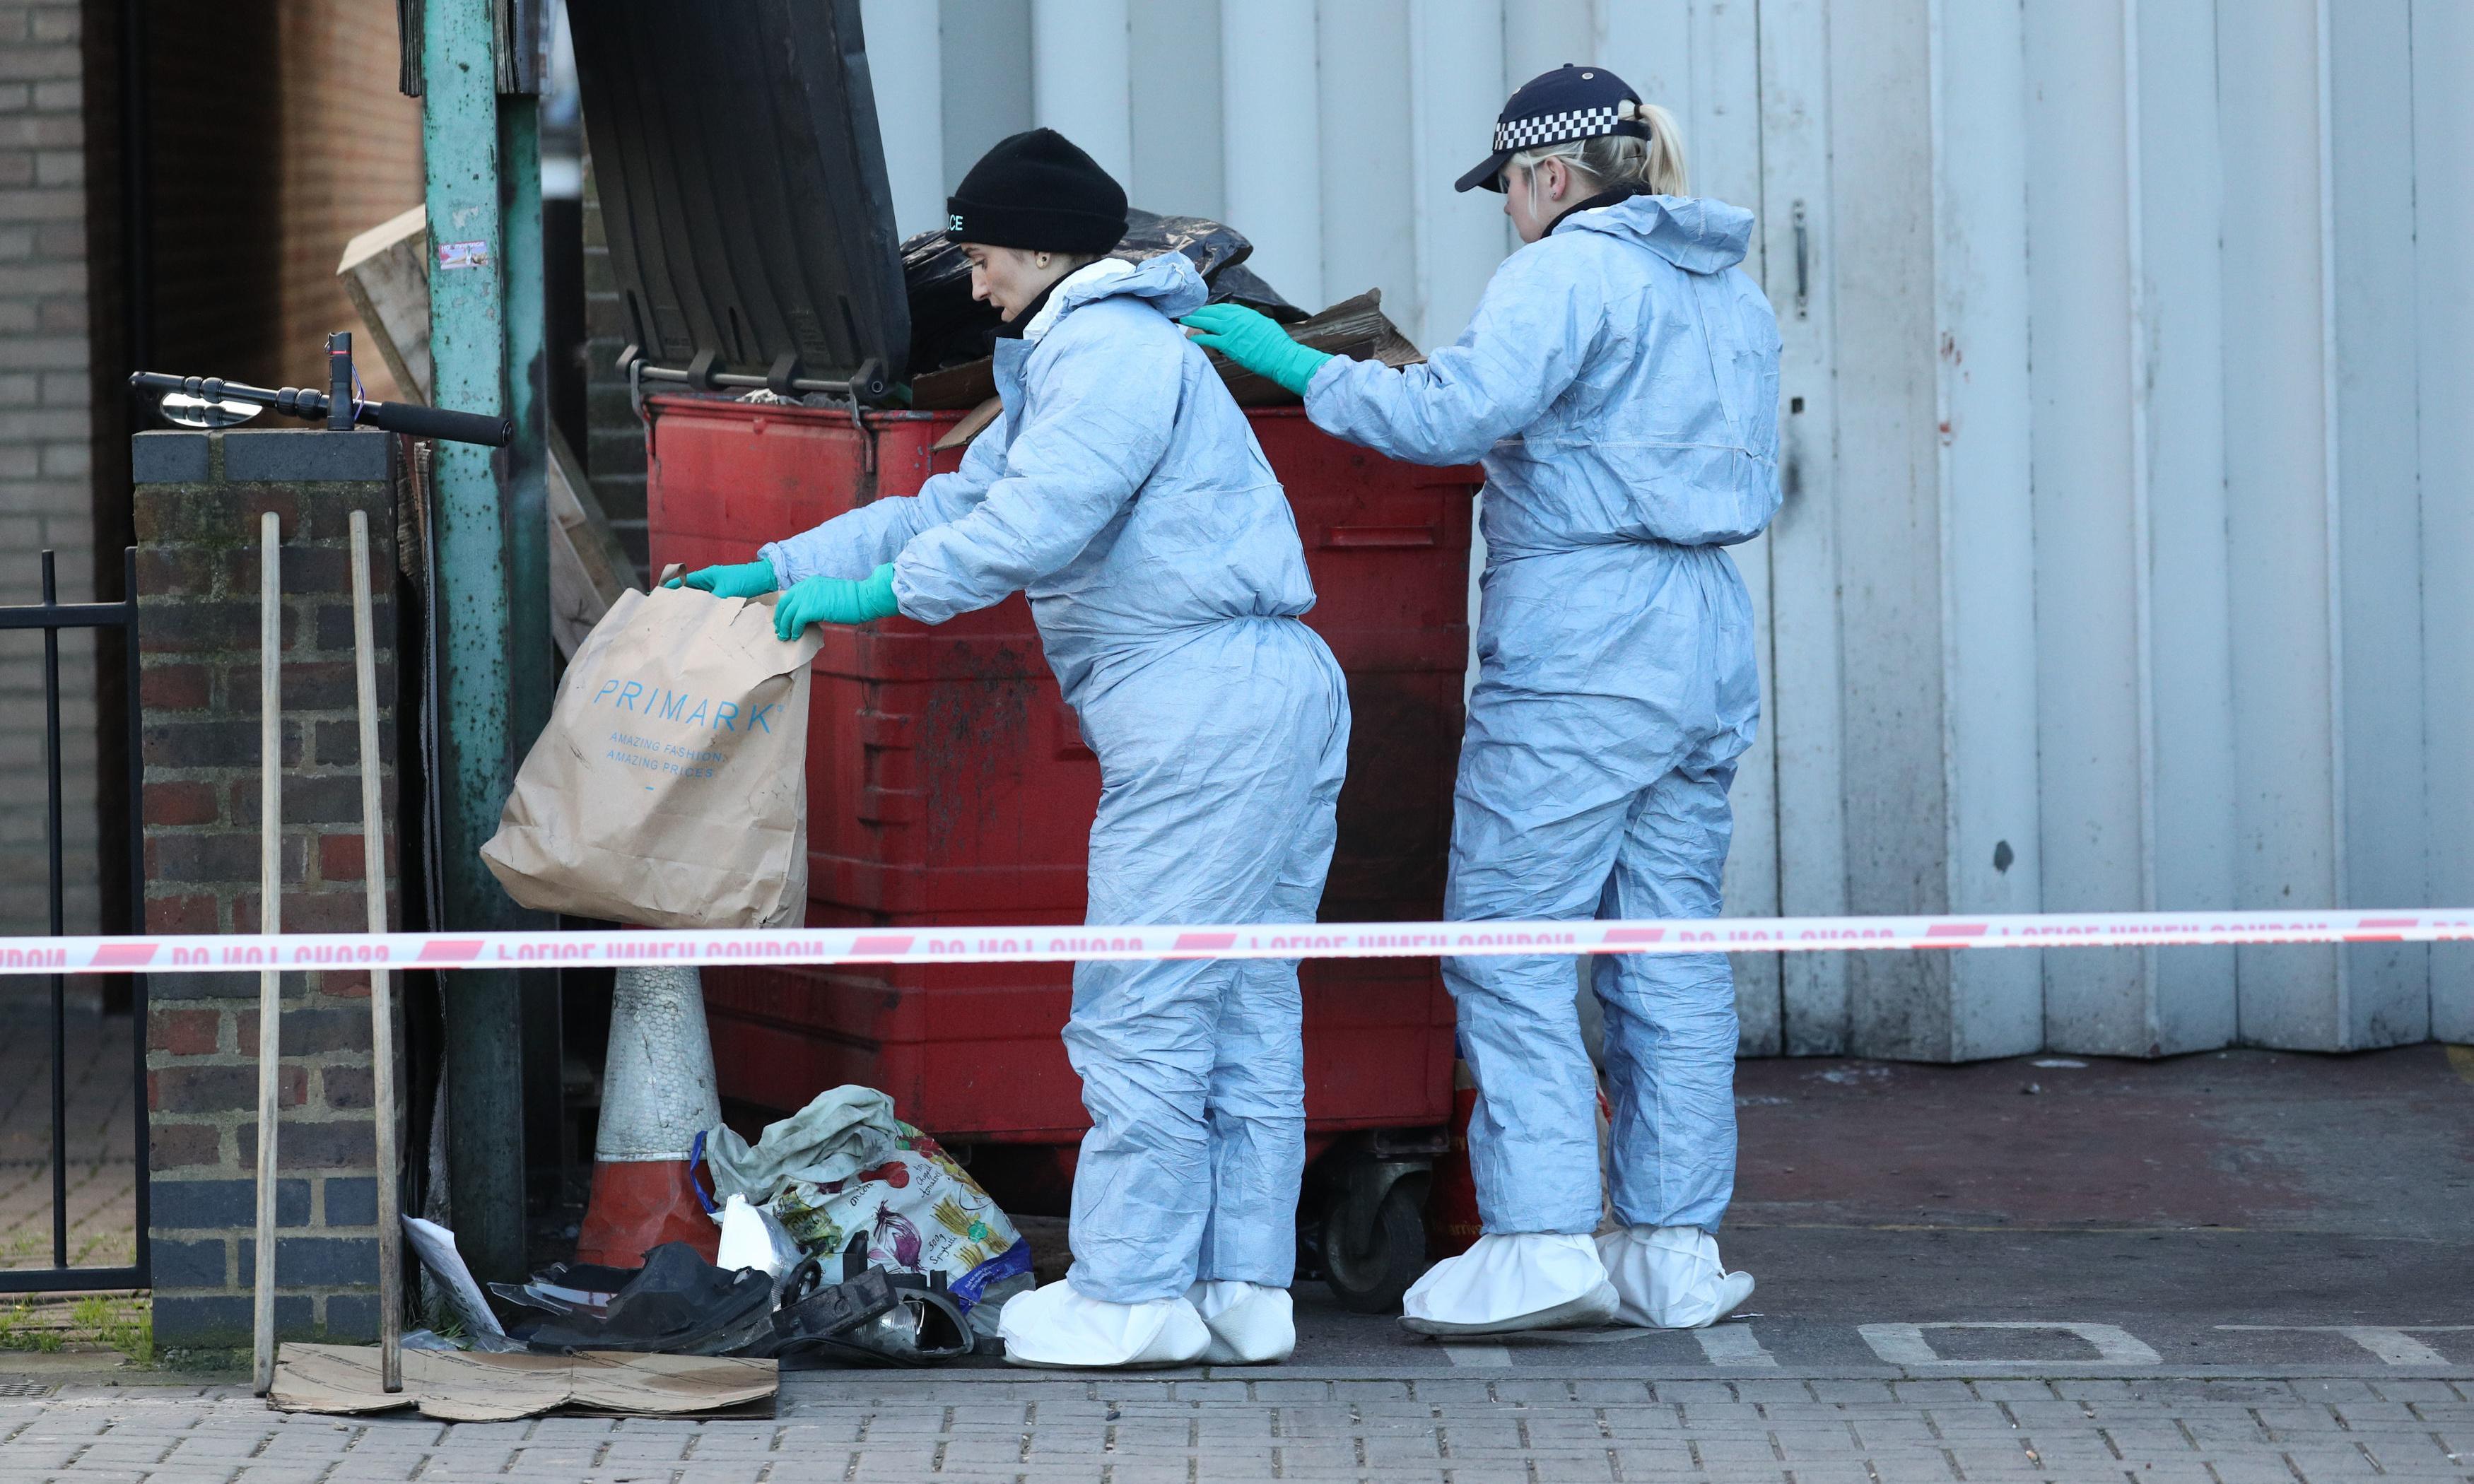 Seven Kings residents describe 'horrific' scene of triple stabbing